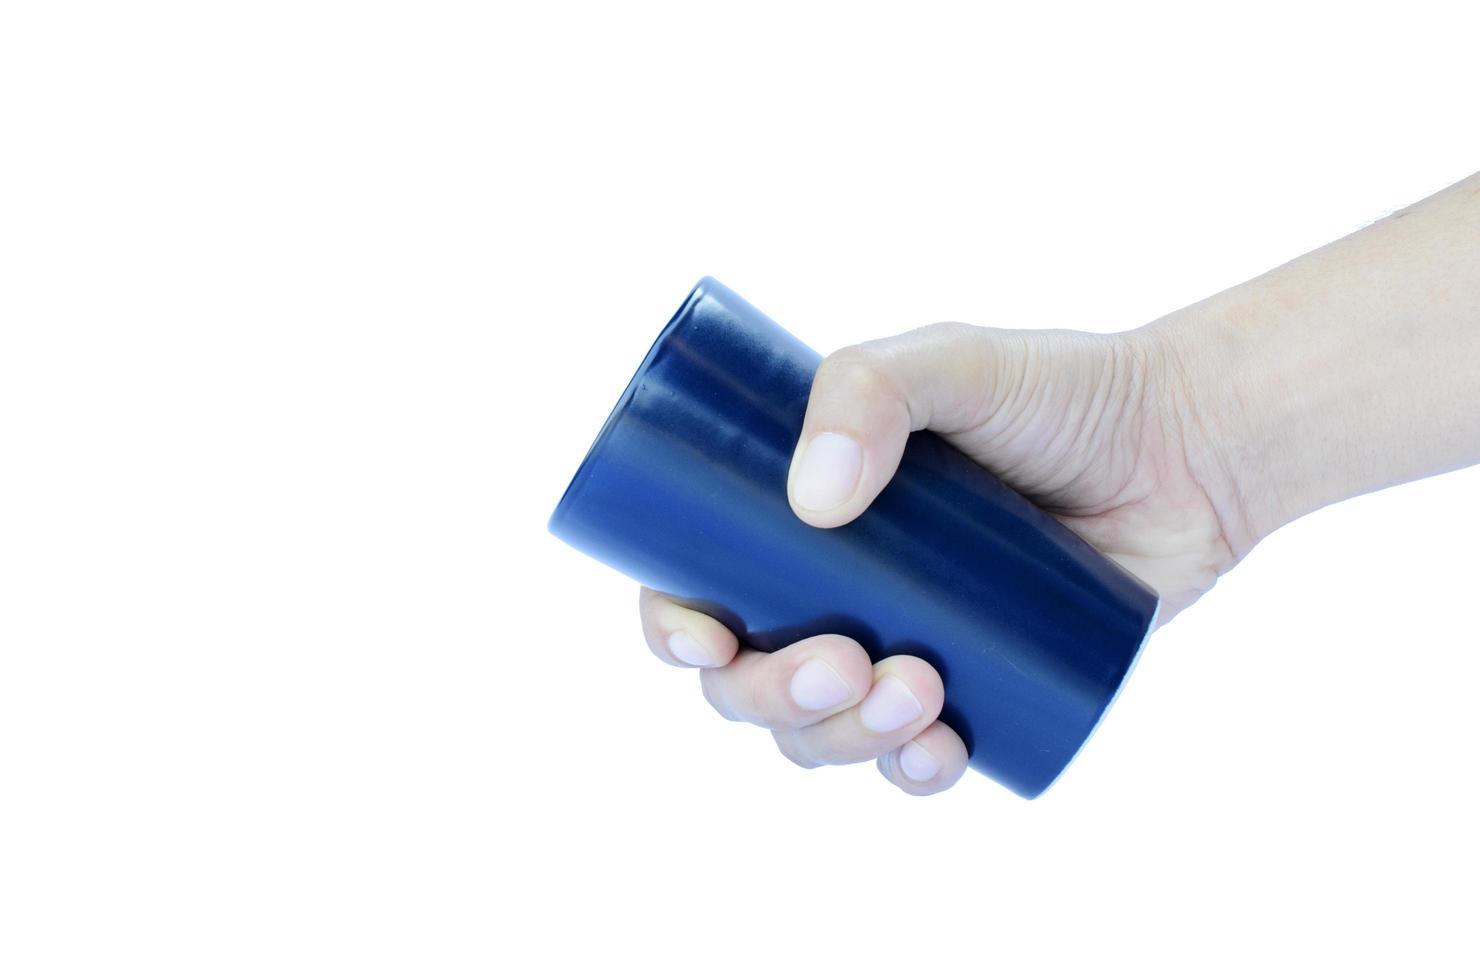 höger hand som håller keramisk blå kopp isolerad på vit bakgrund inkluderar urklippsbana foto